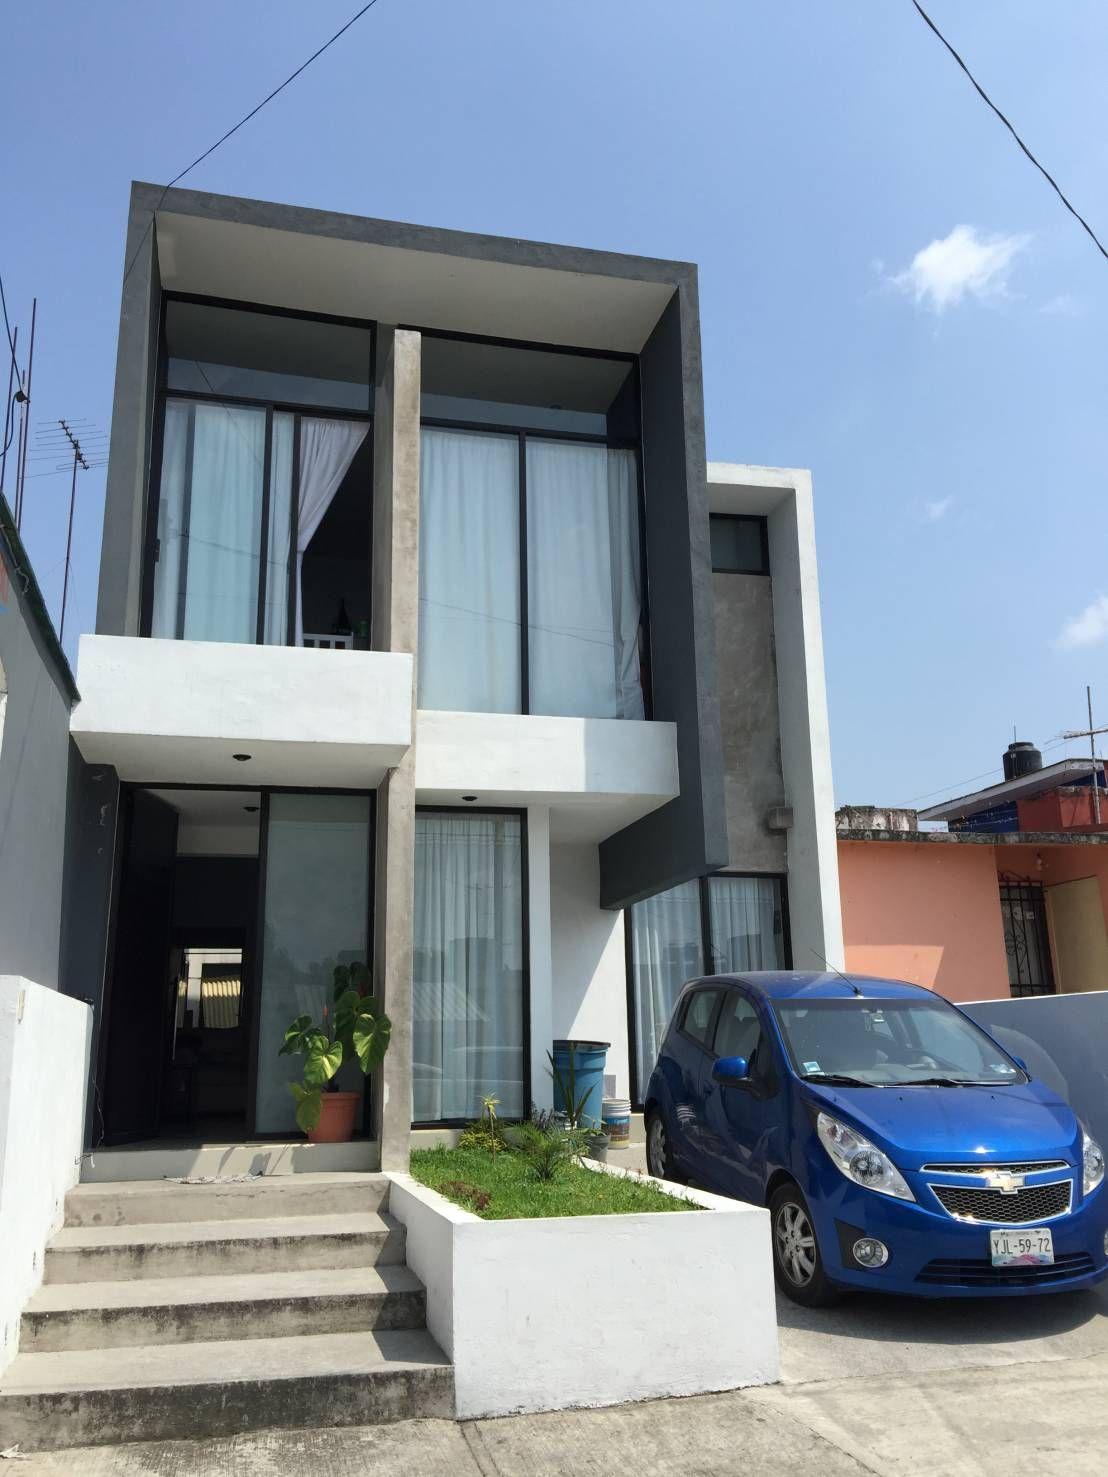 Antes y despu s de 5 fachadas 5 transformaciones - Arquitectos casas modernas ...